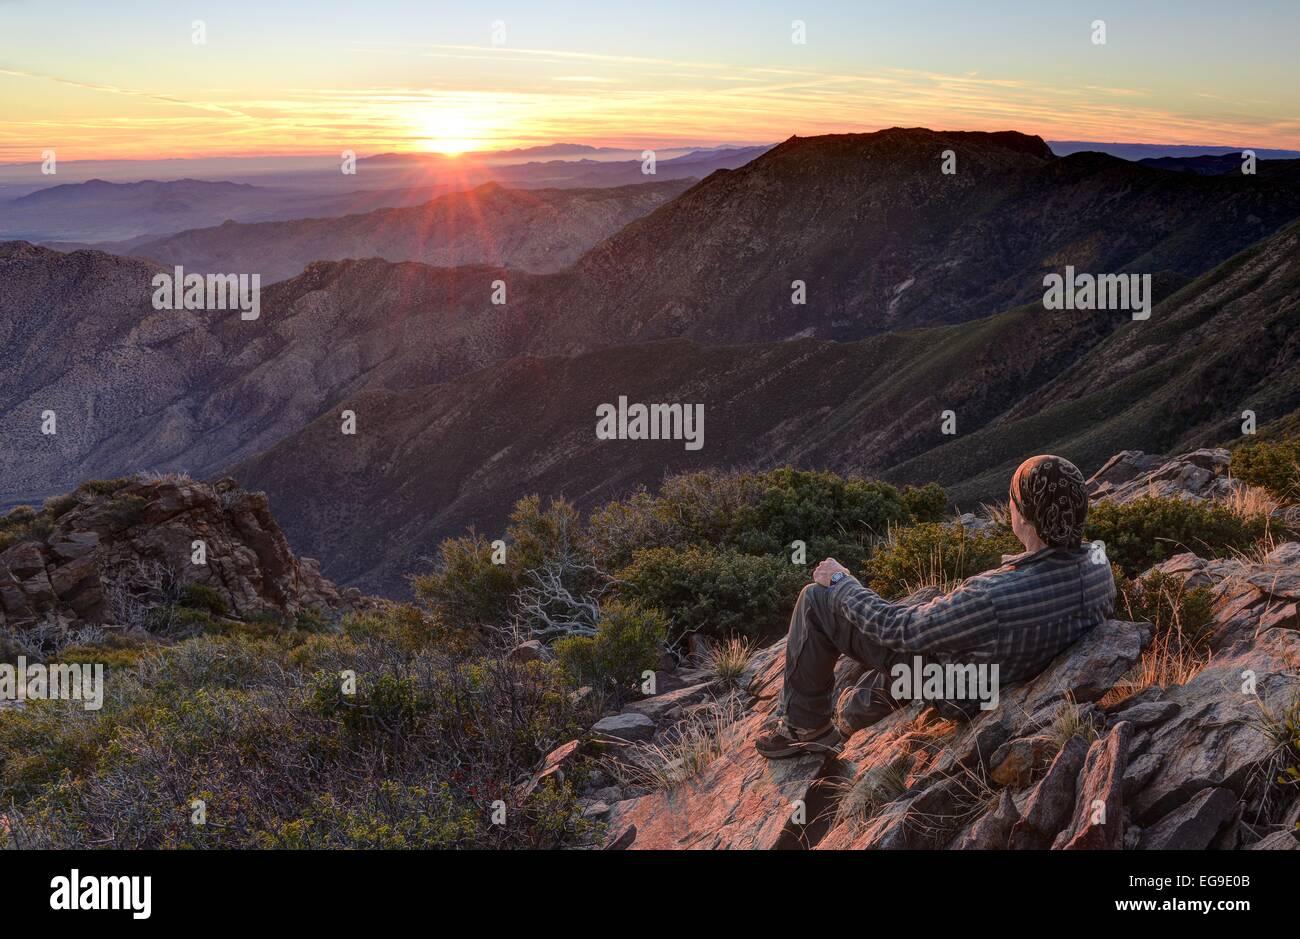 California, Estados Unidos, Cleveland National Forest, caminante en busca al amanecer. Imagen De Stock